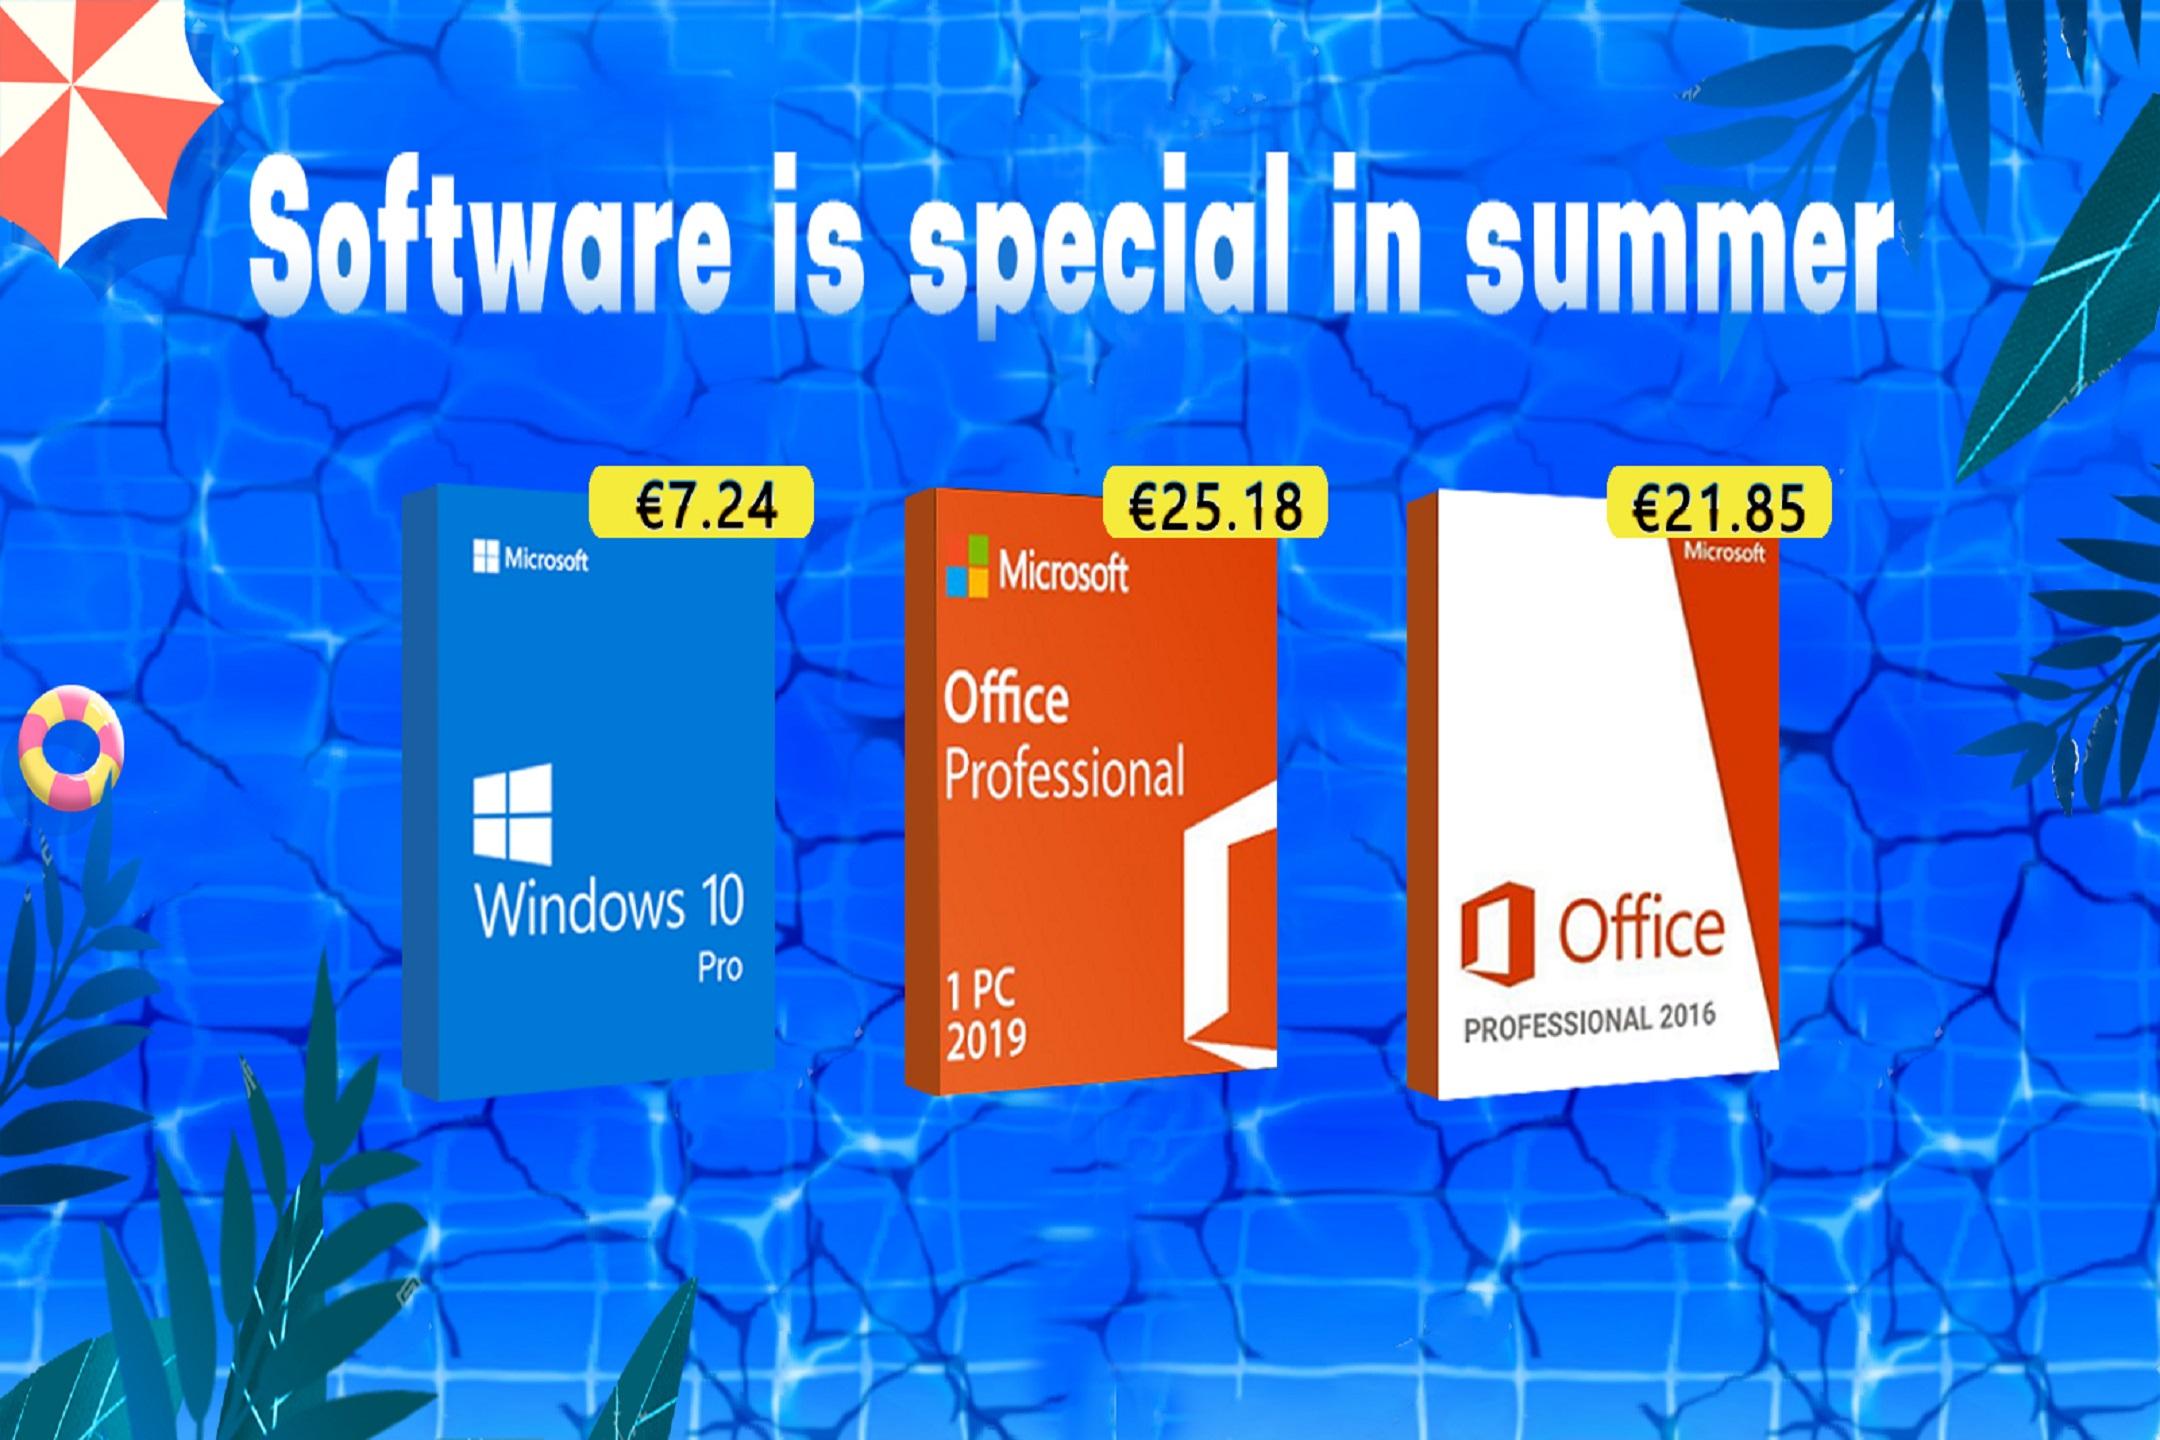 Letní mega slevy na U2KEY! Windows 10 už od 7.24 EUR [sponzorovaný článek]